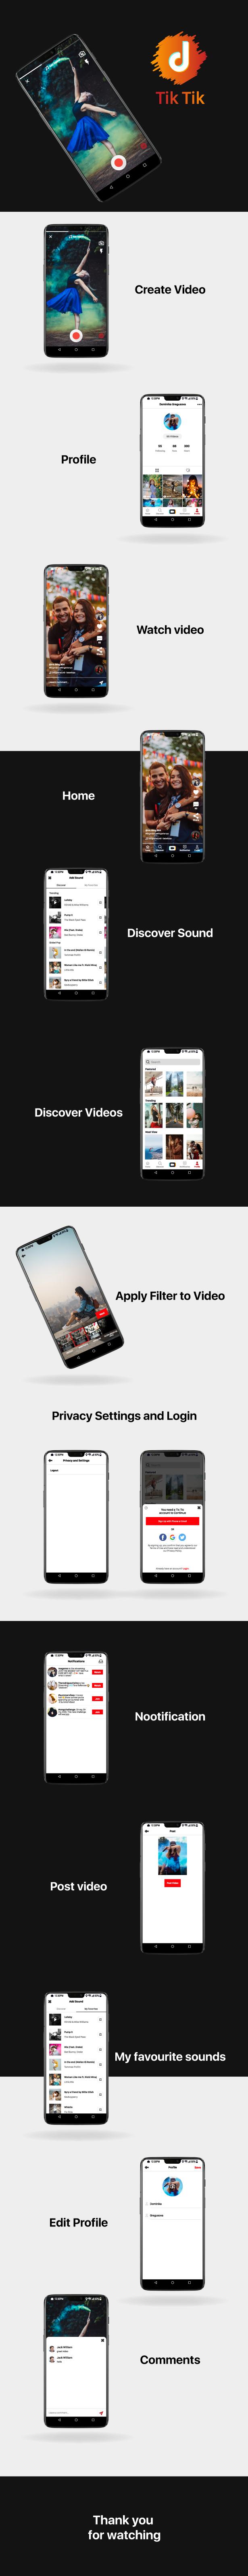 TicTic - IOS Media App zum Erstellen und Teilen von Kurzvideos - 3